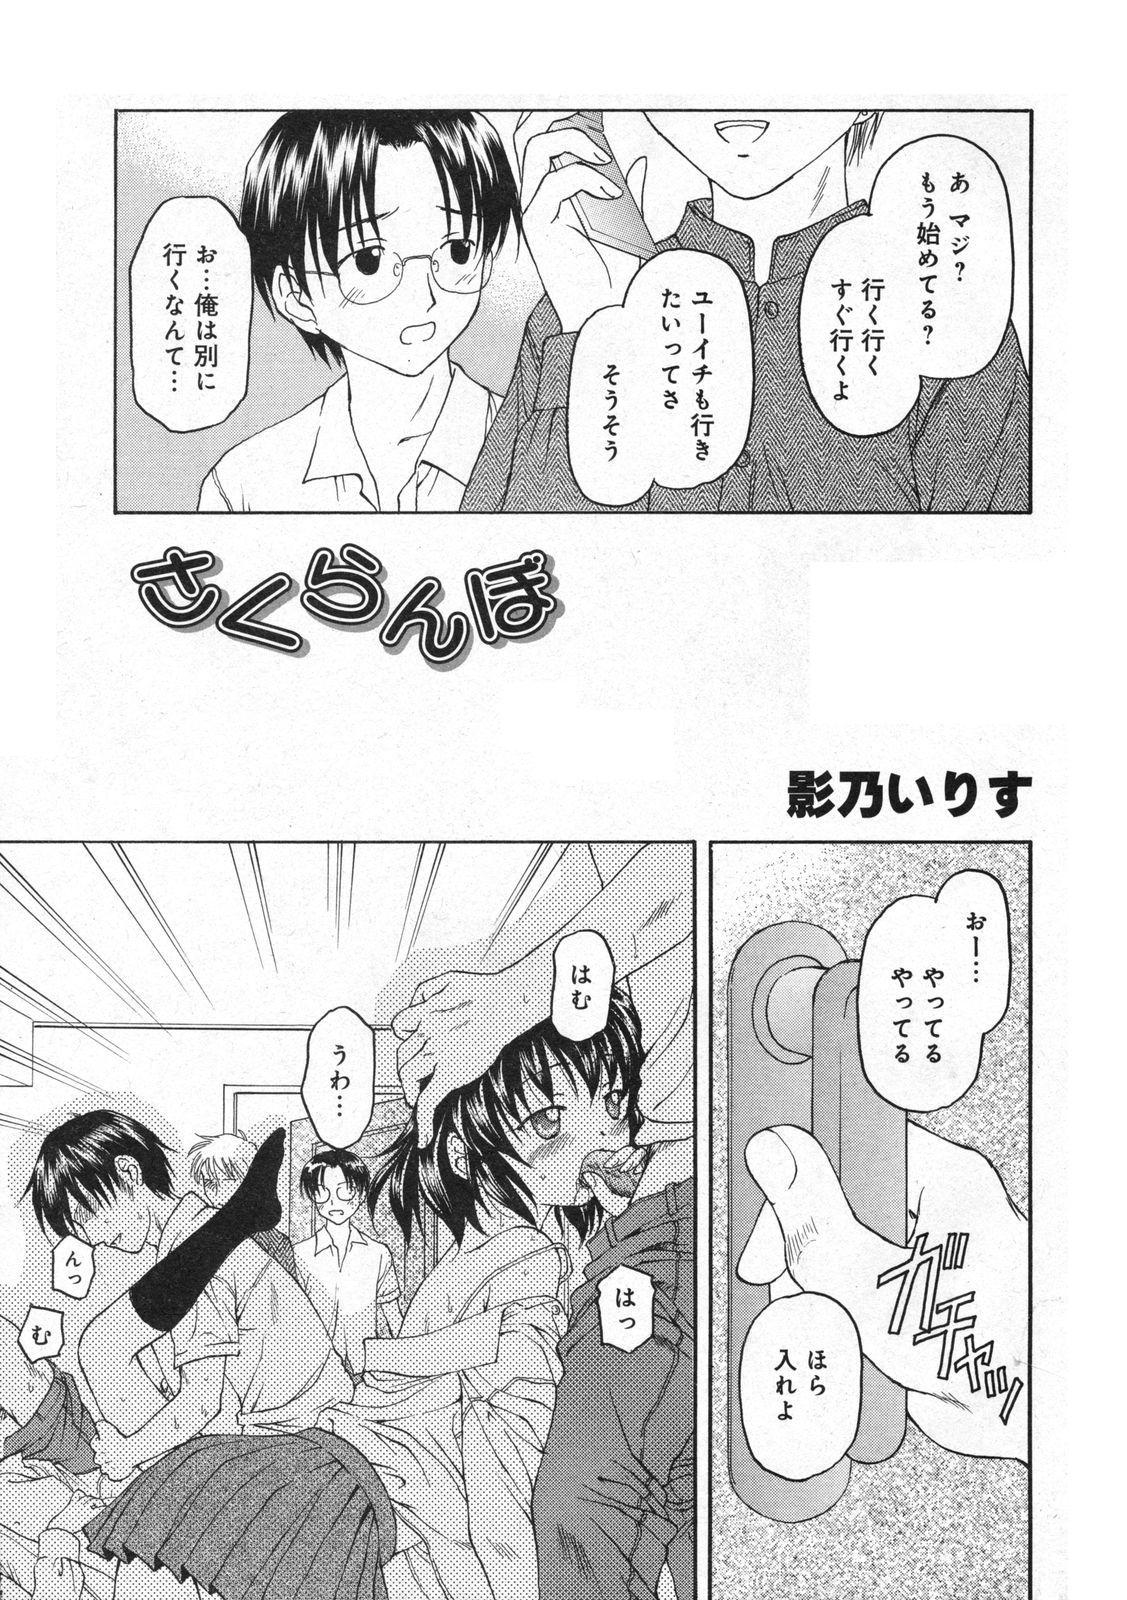 COMIC Moemax Jr. Vol.01 2009-08 68